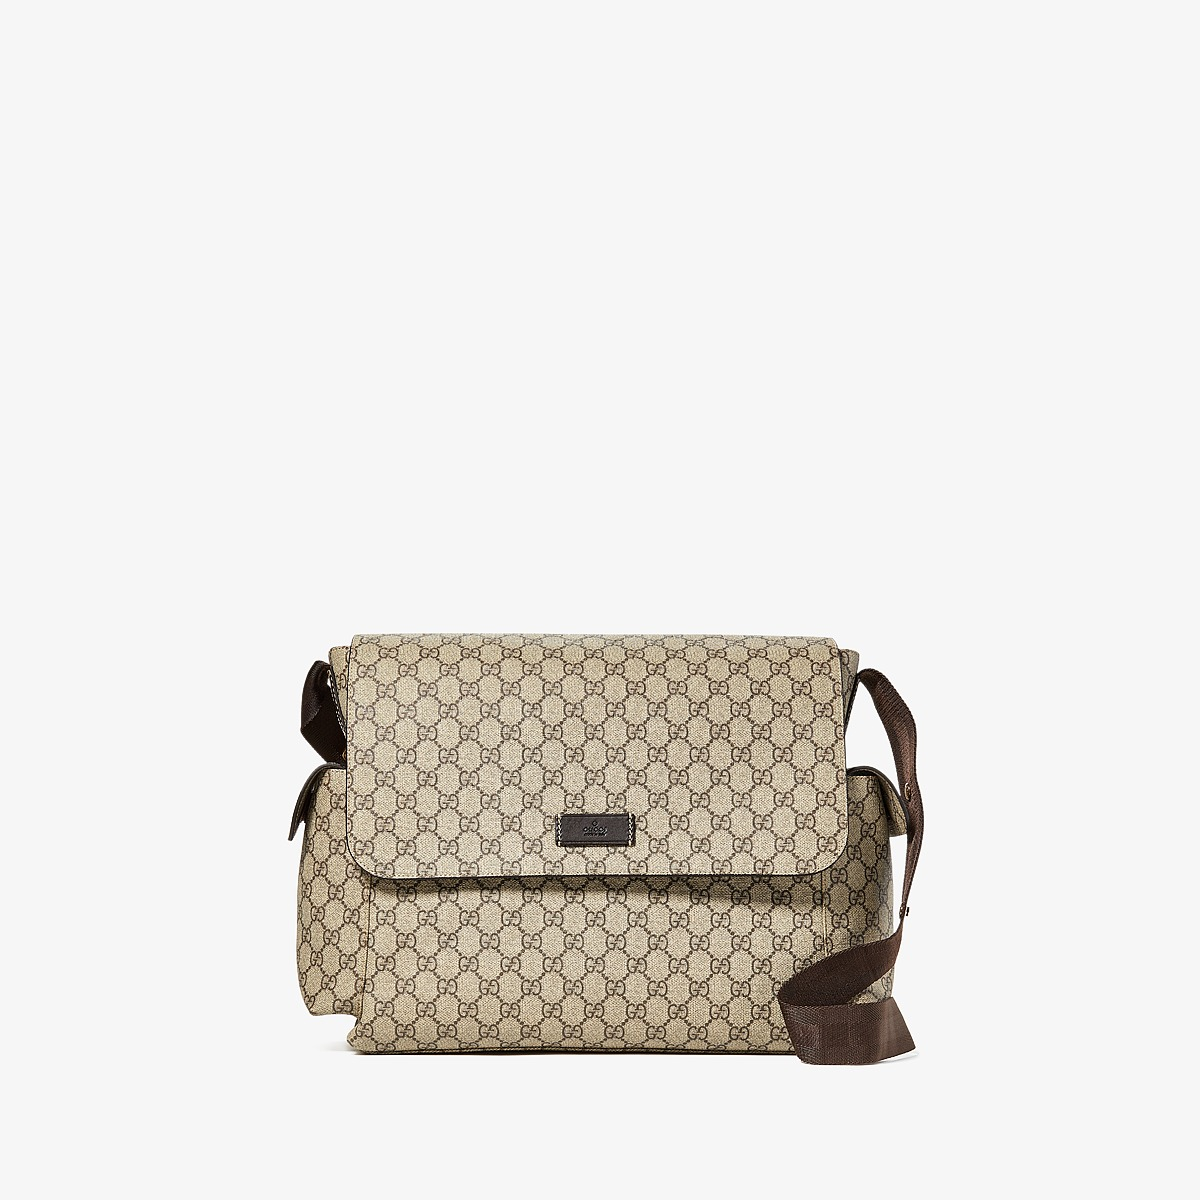 Gucci Kids - Handbag 211131KGDIG (Beige/Cocoa) Handbags